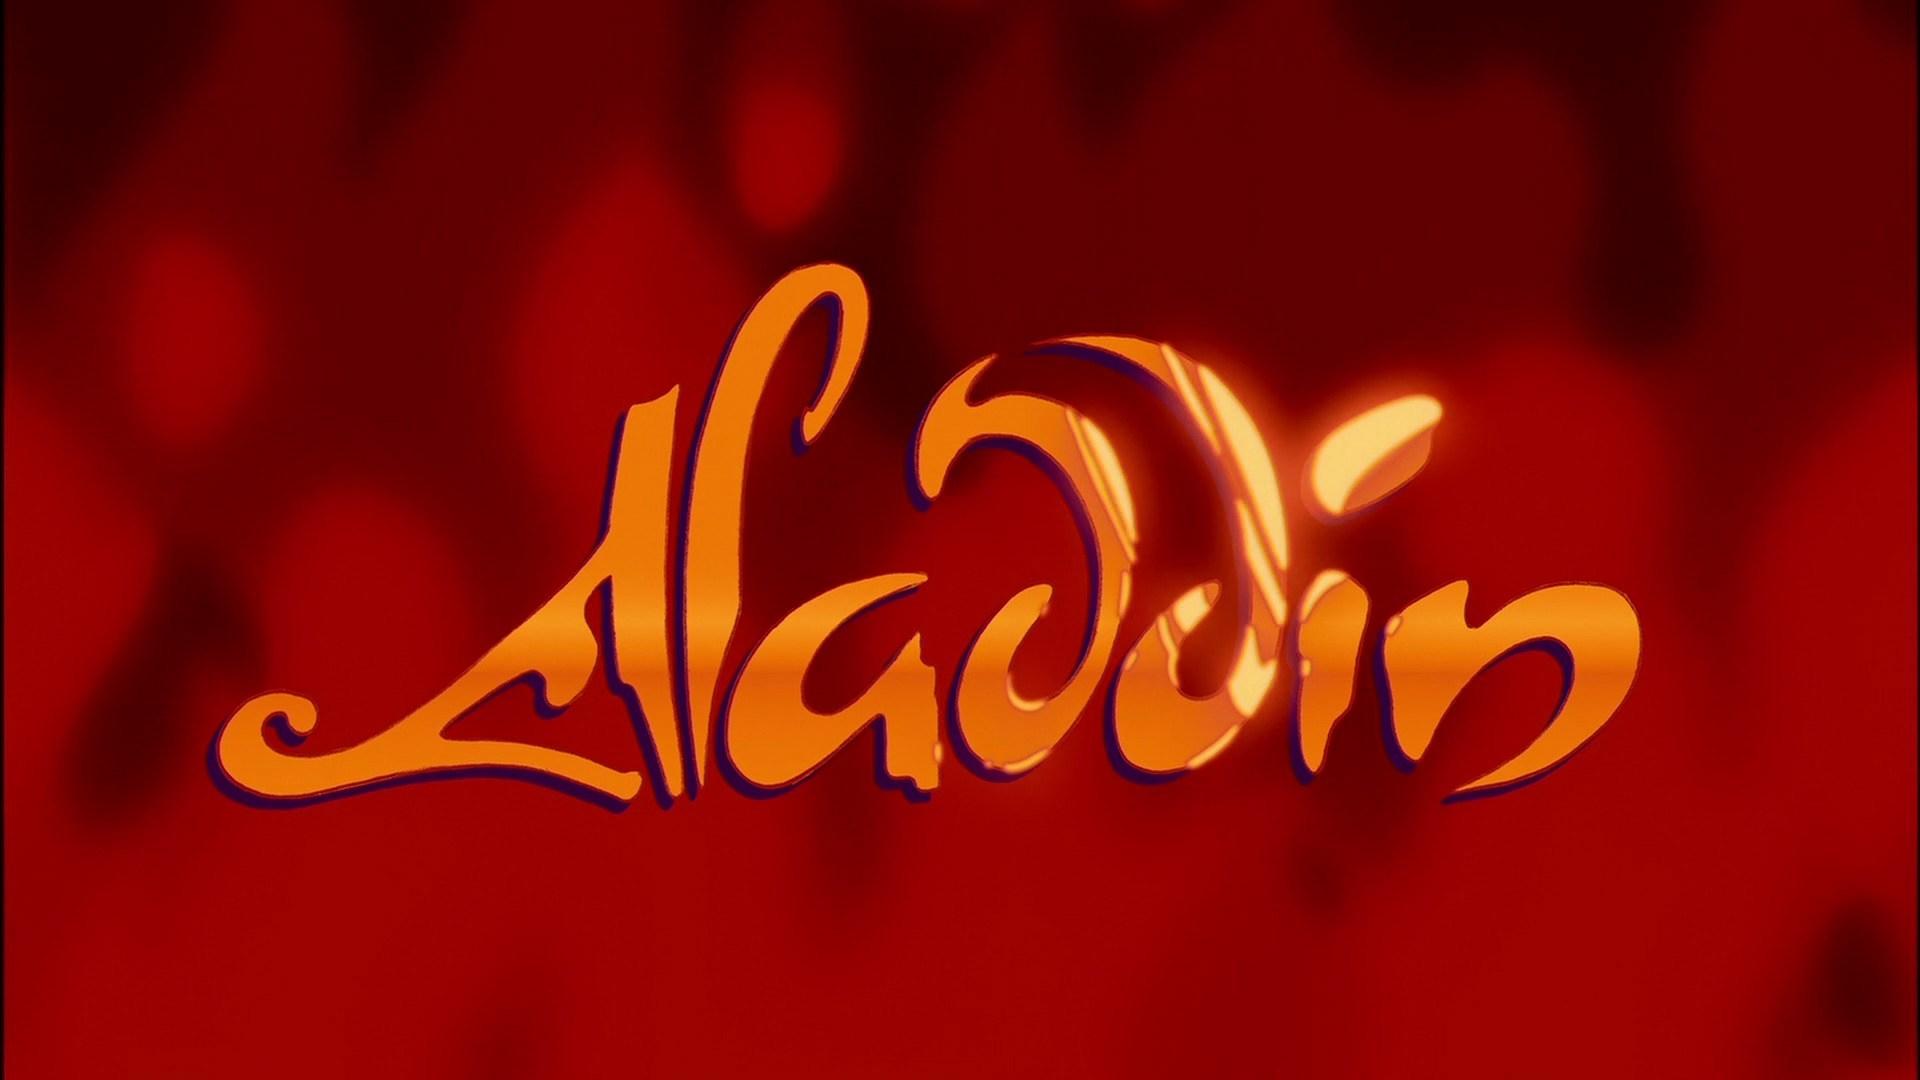 Aladdin Äventyr På Torra Land (@cadobeats) Cover Image